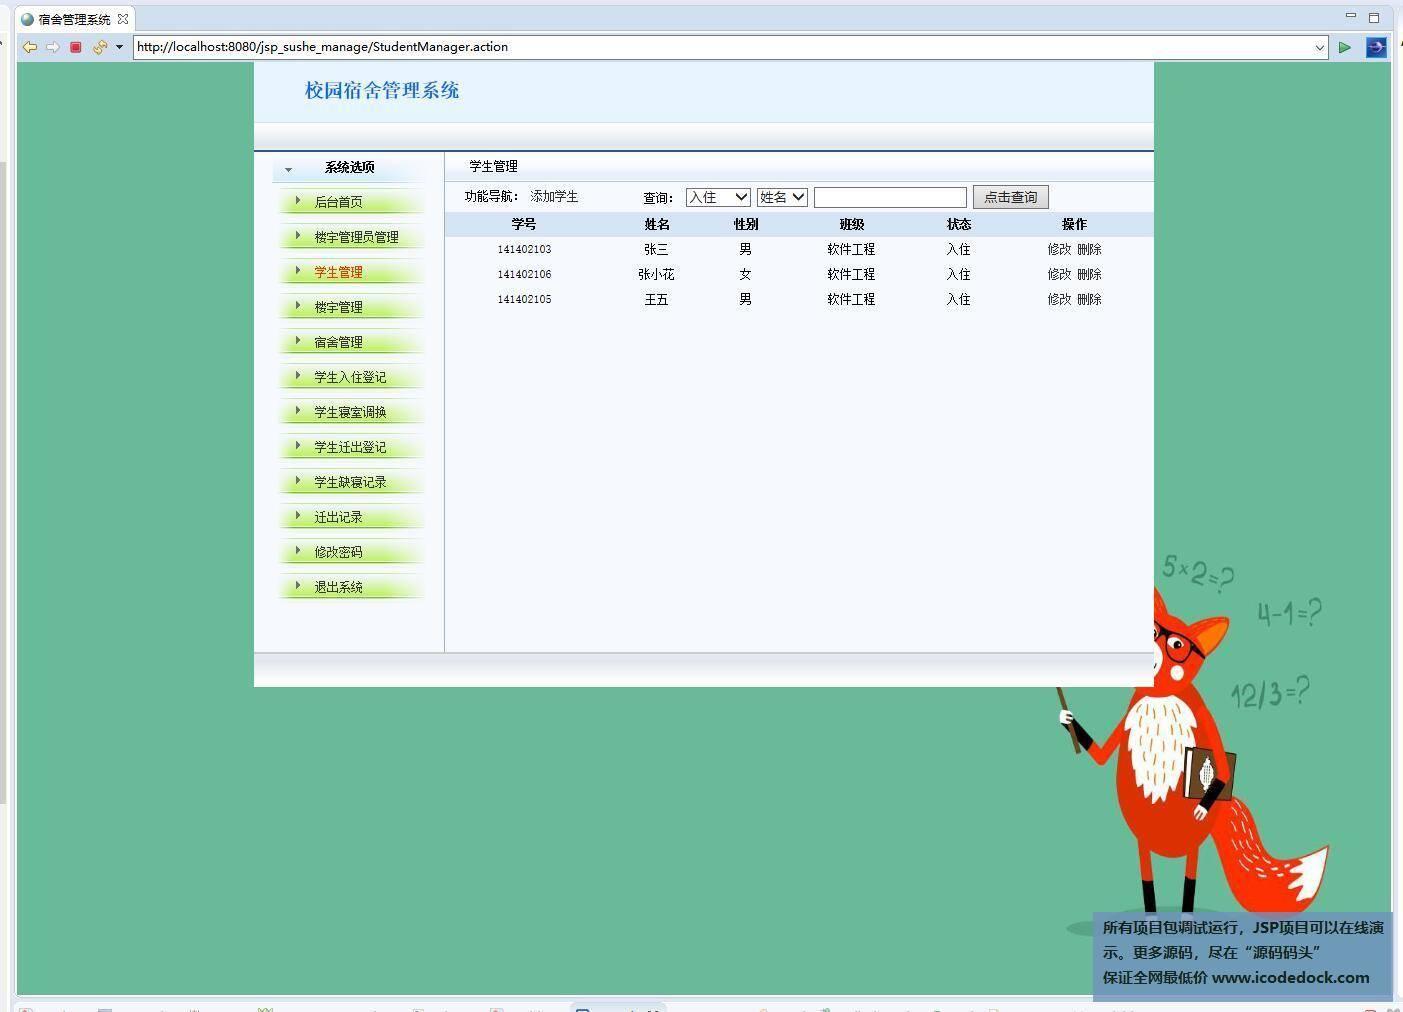 源码码头-JSP学校宿舍管理系统-系统管理员角色-学生管理